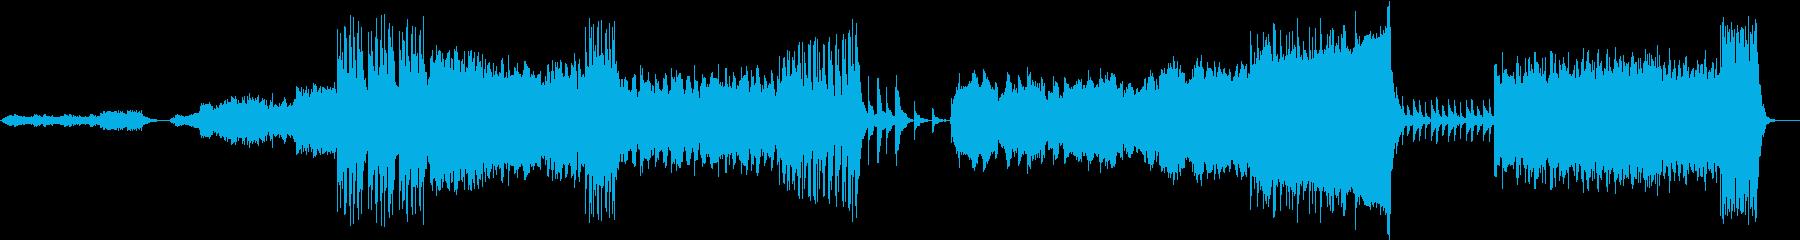 雄大な自然を管弦楽とコーラス系で表現の再生済みの波形